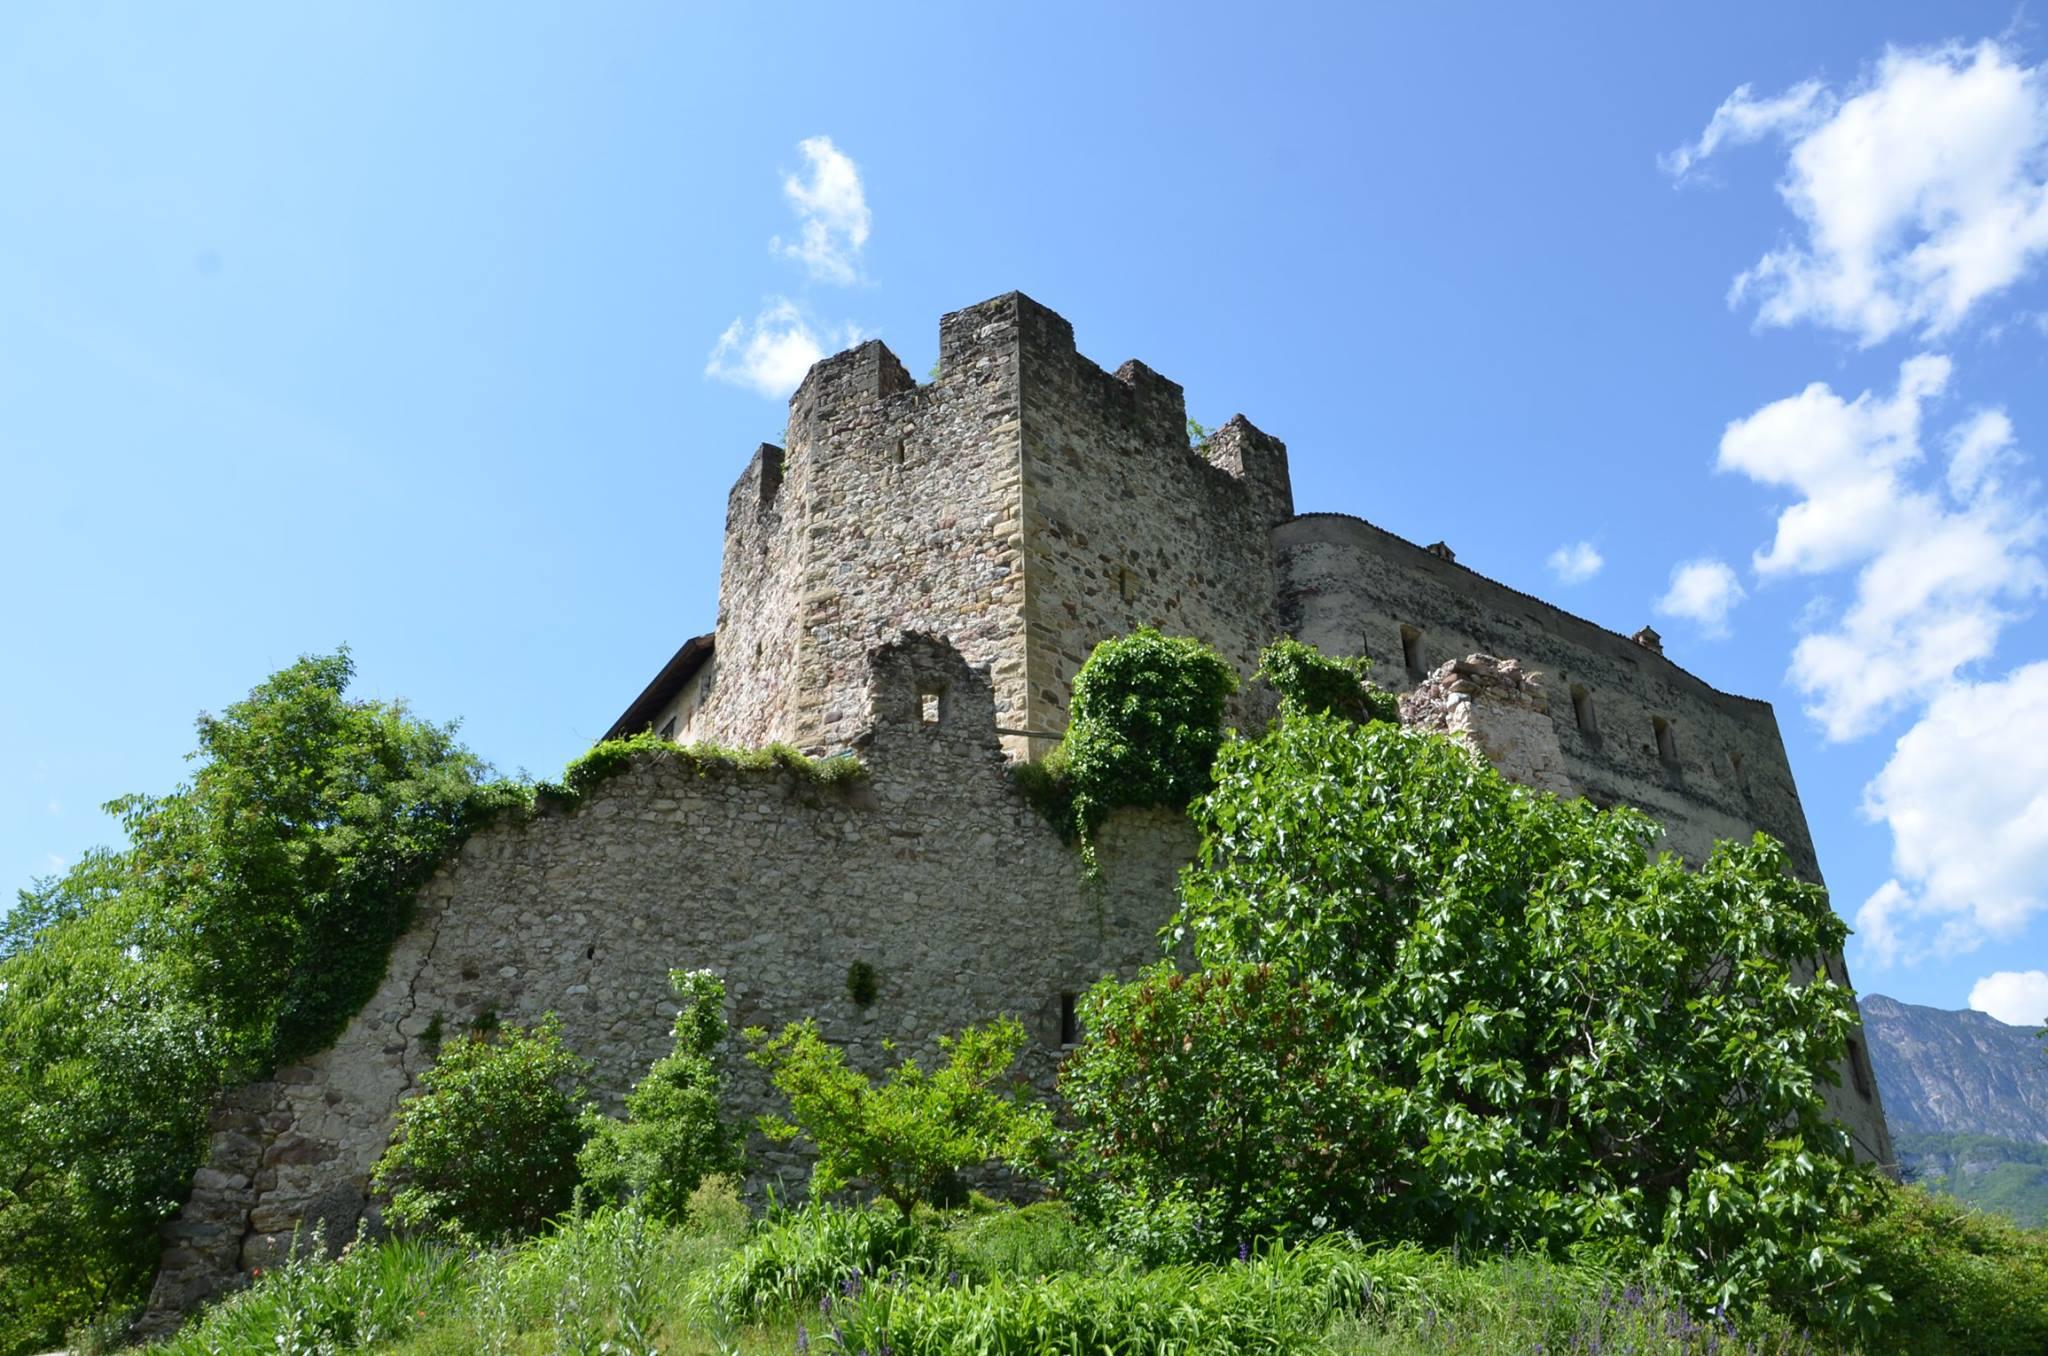 castello konigsberg